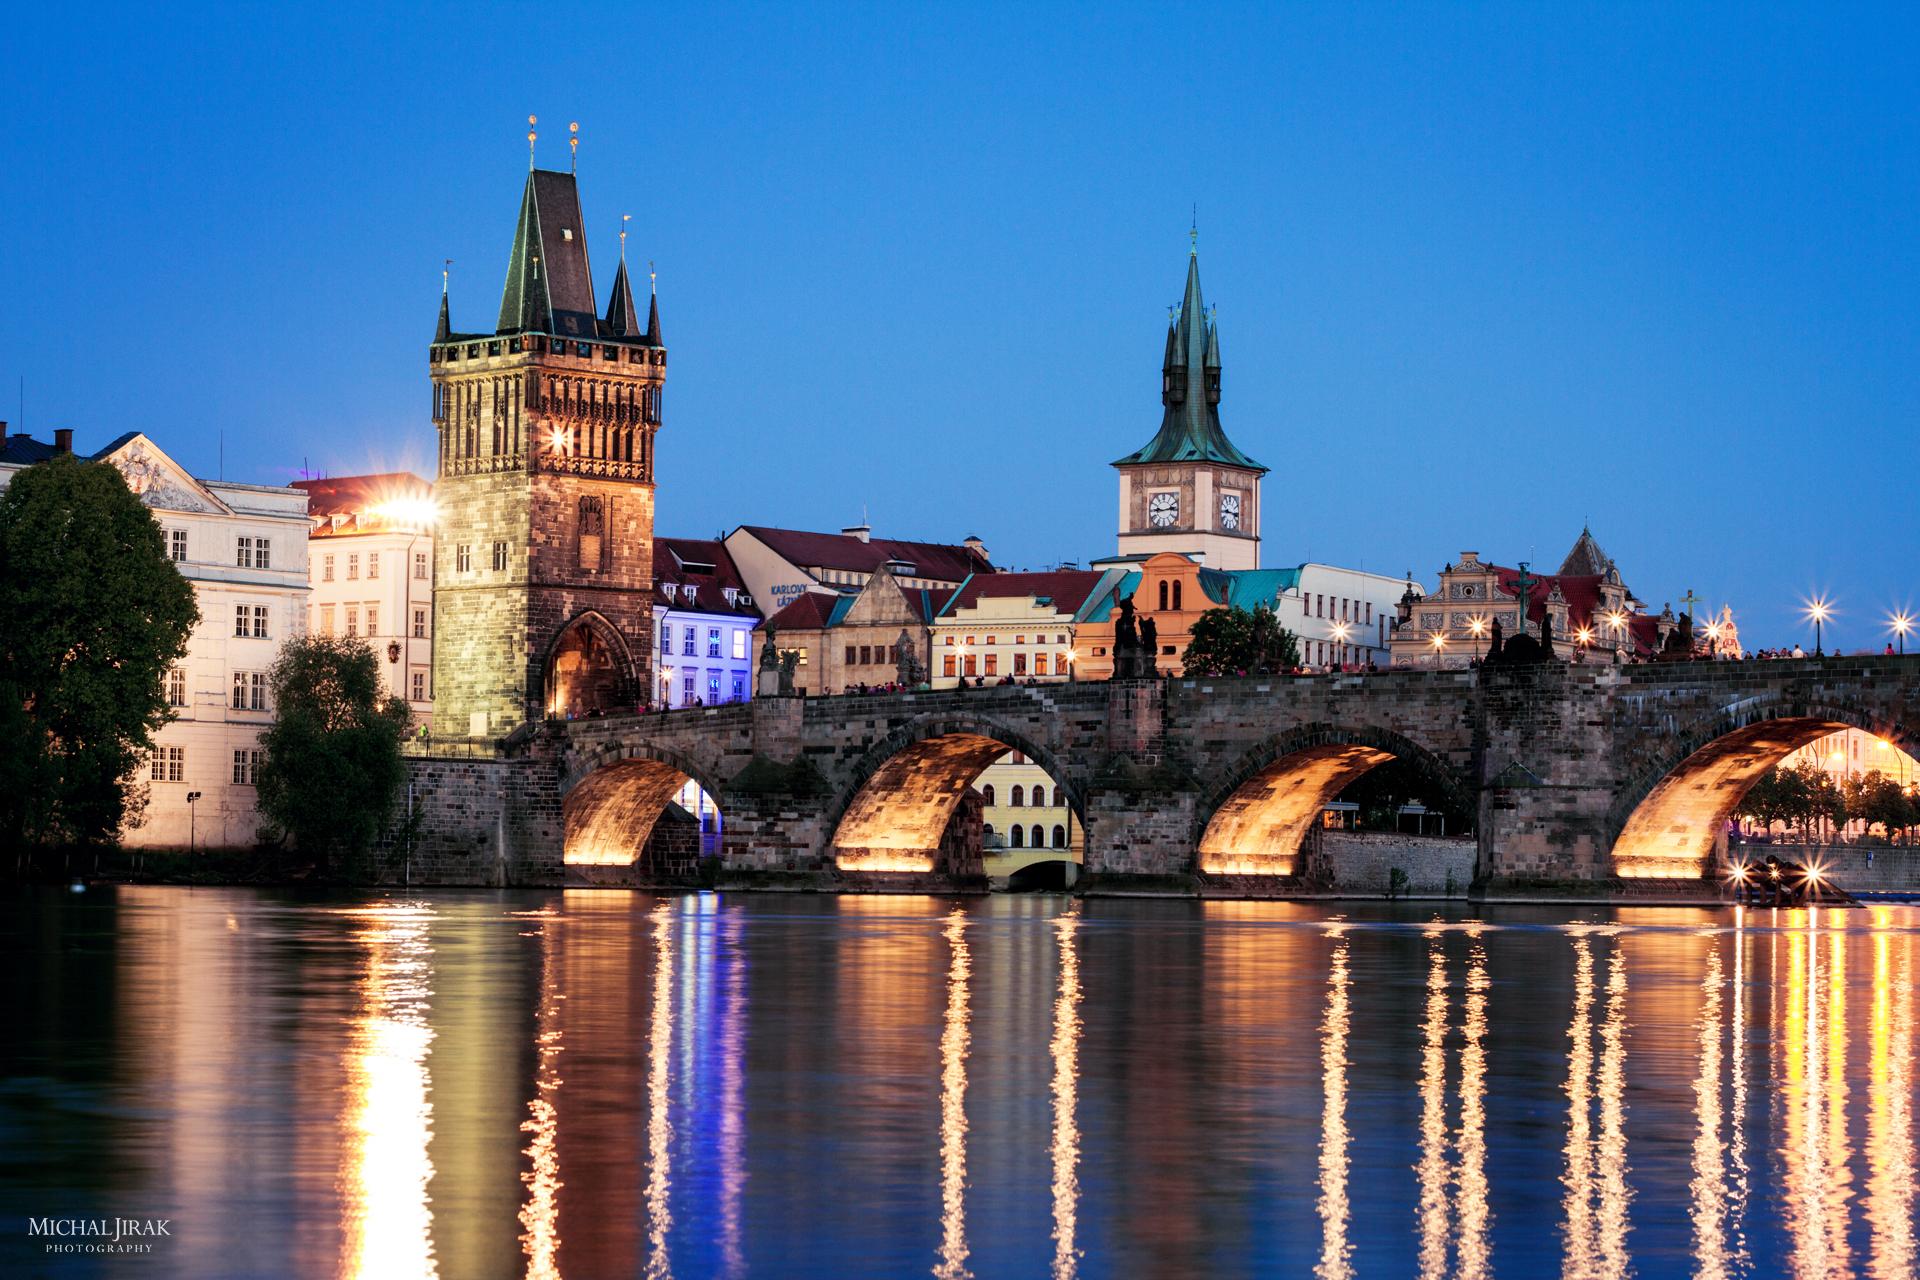 """Michal Jirák: """"Byli jsme se s přítelkyní projít kolem Vltavy, tak vznikla tahle fotka Karlova mostu."""""""